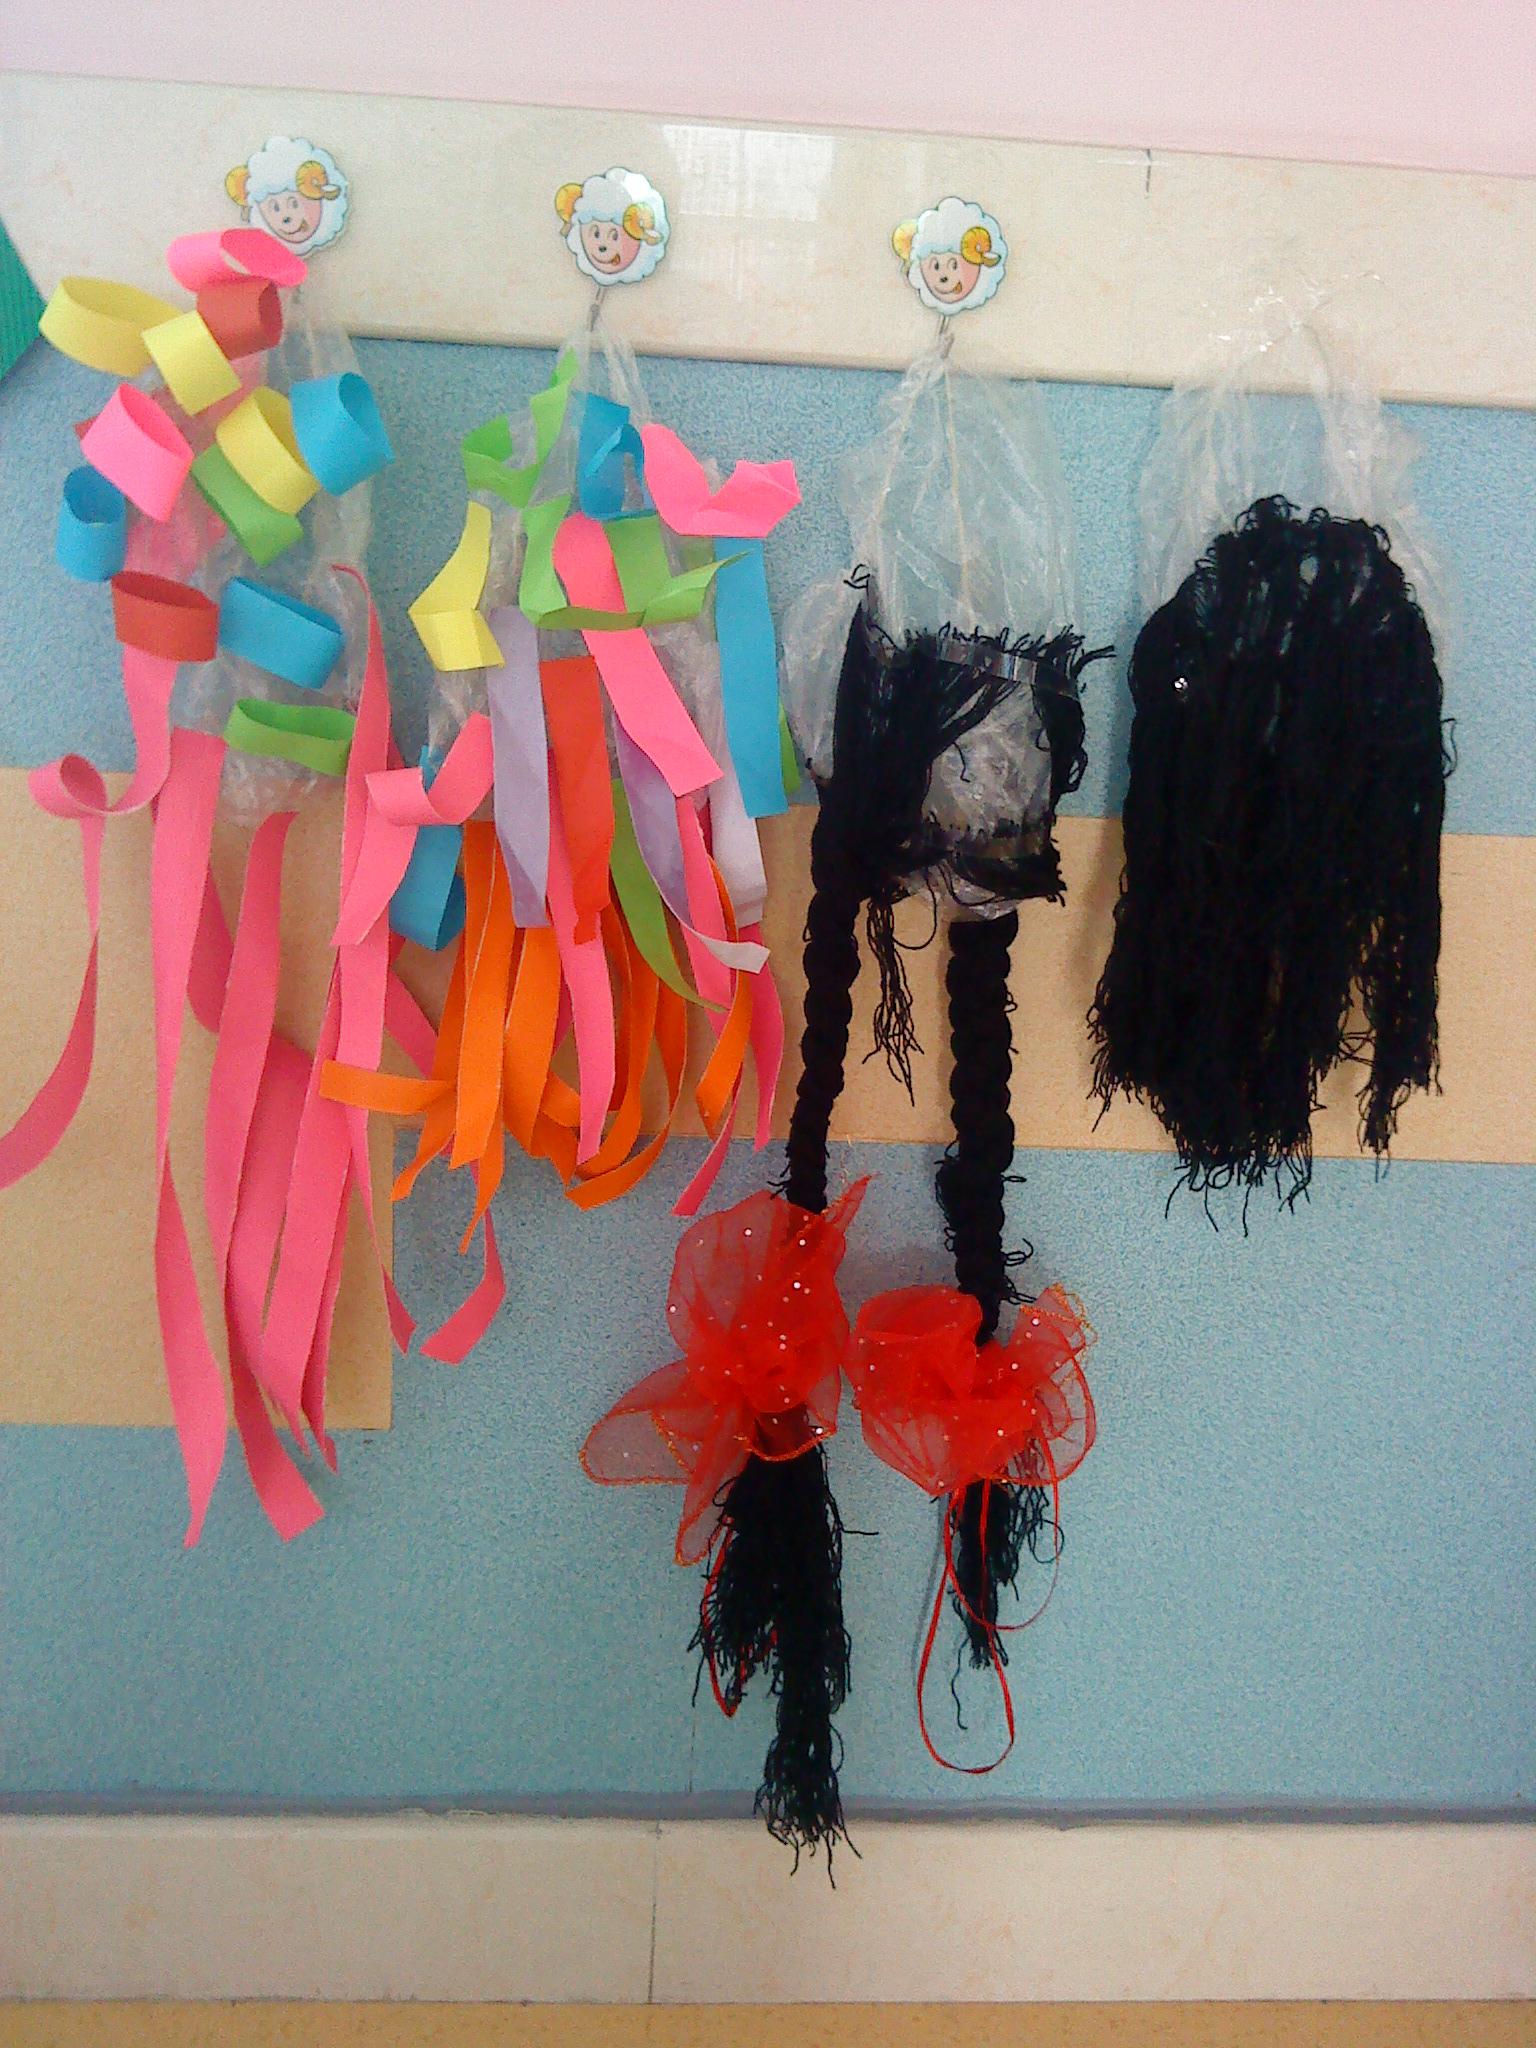 漂亮的假发套的的增添能帮助幼儿丰富游戏情节